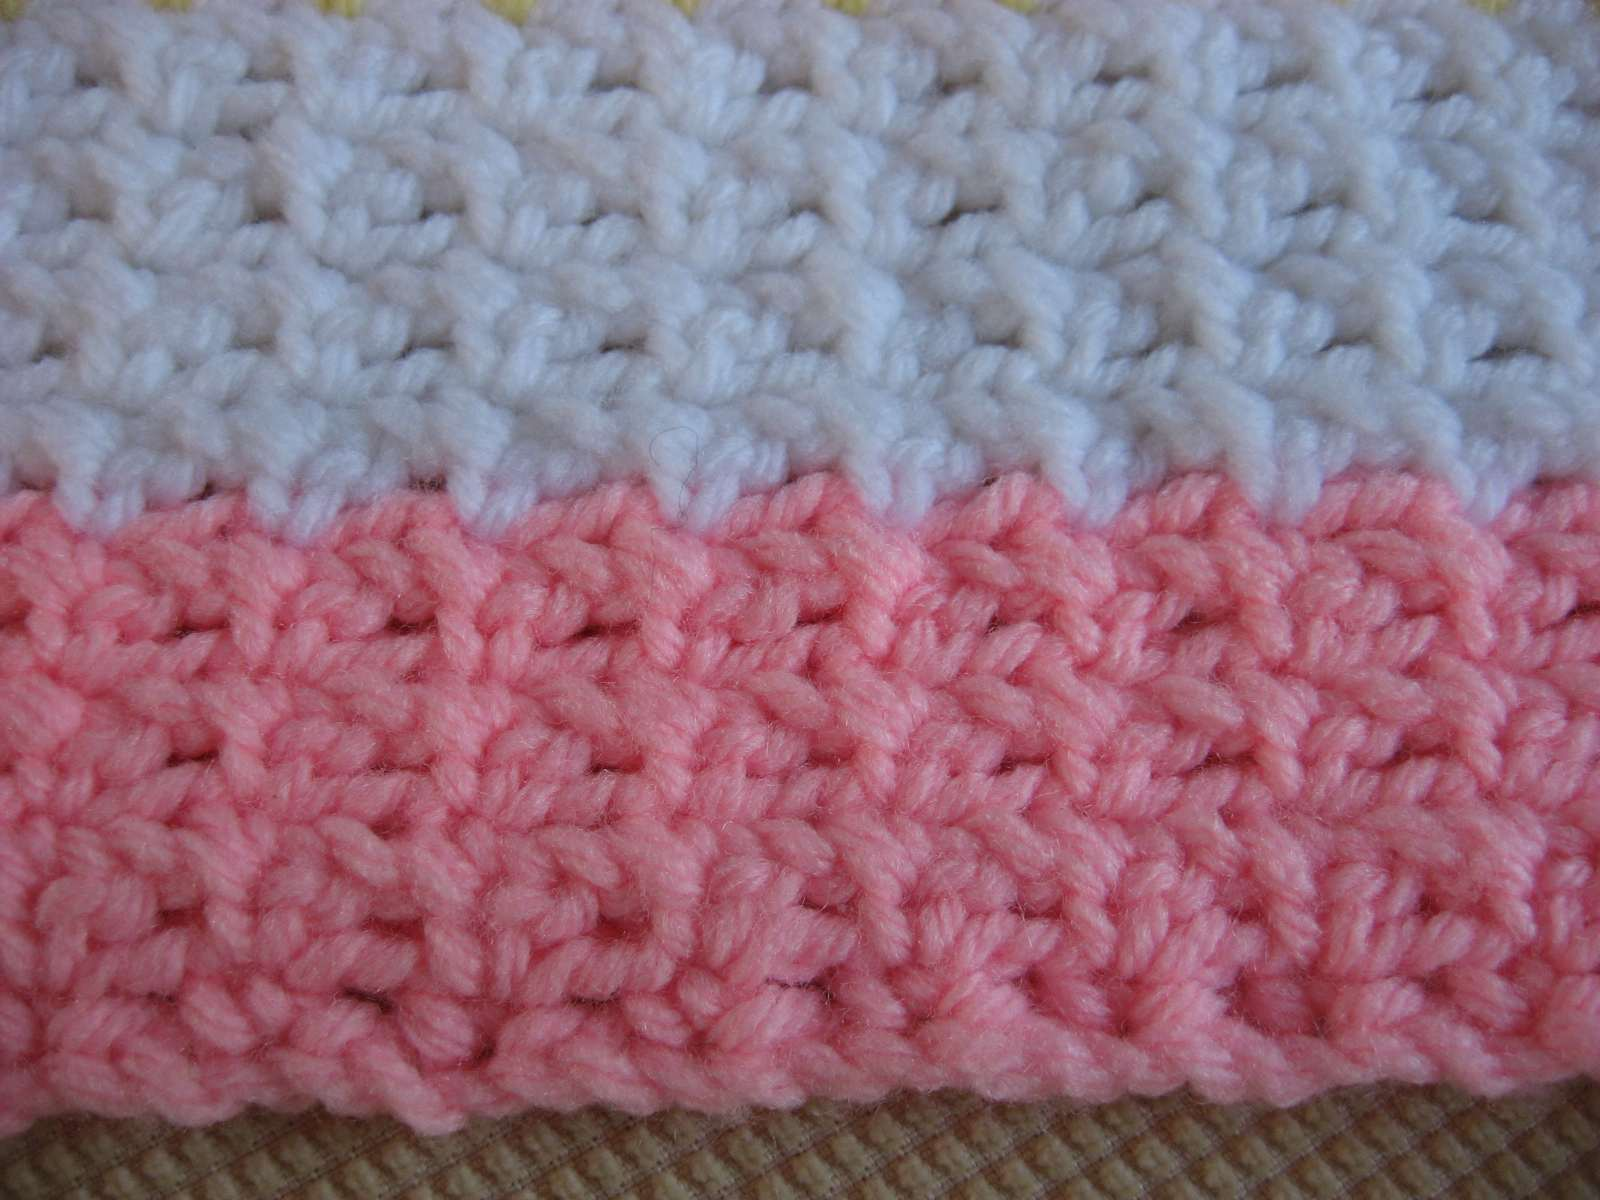 easy crochet baby blanket easy crochet baby patterns yqhmzcj